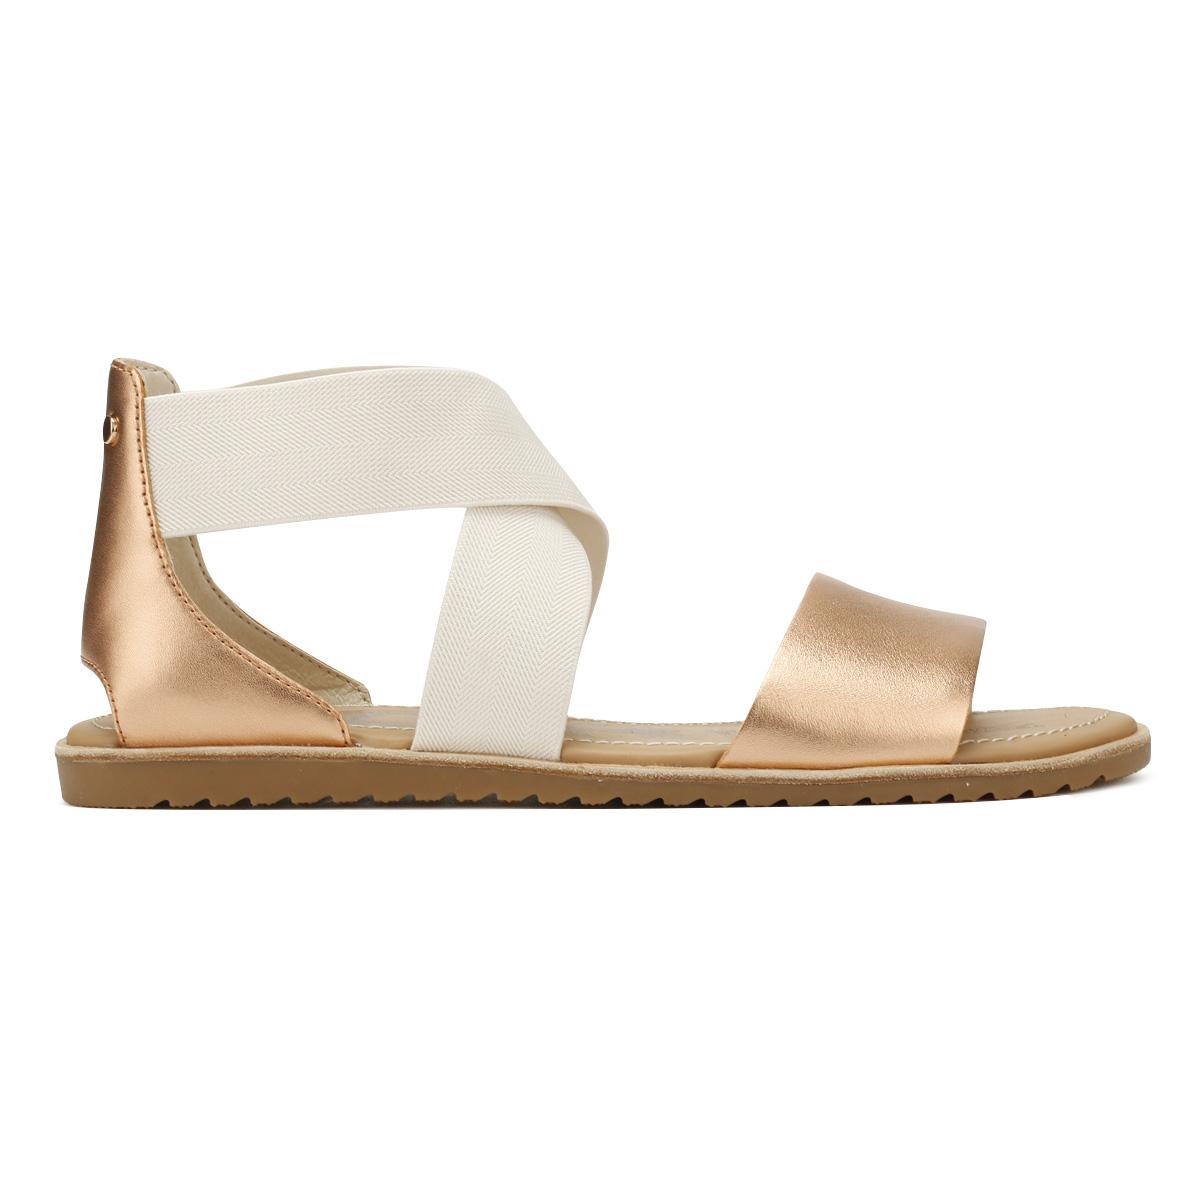 5e6526e0297db Sorel Womens Natural Beige Ella Sandals Ladies Summer Beach Casual ...